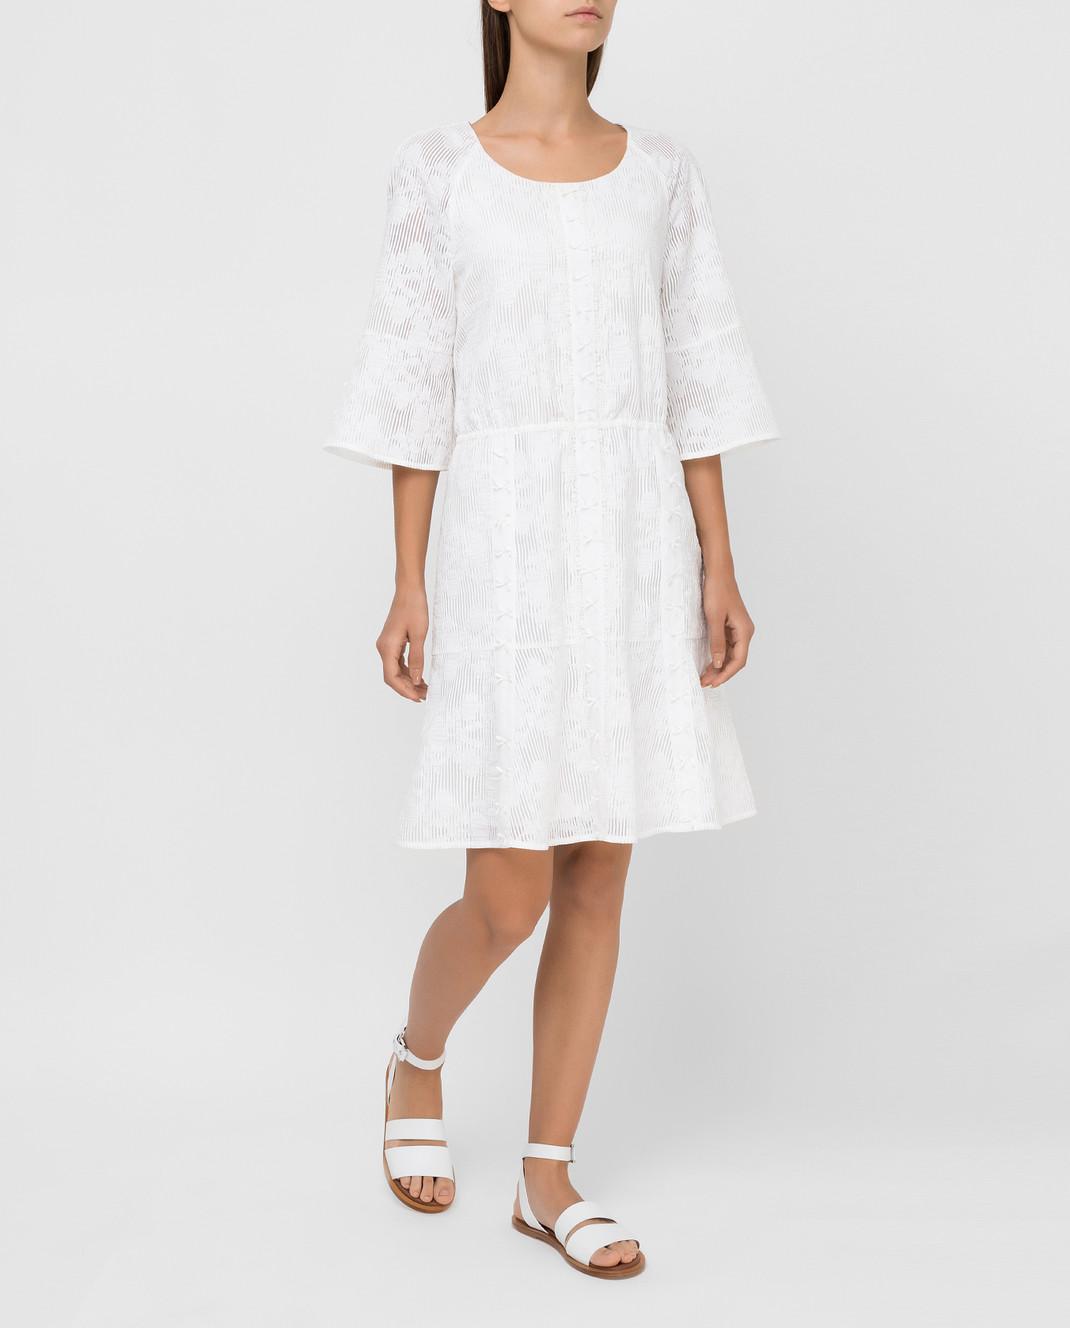 Blumarine Белое платье 6454 изображение 2